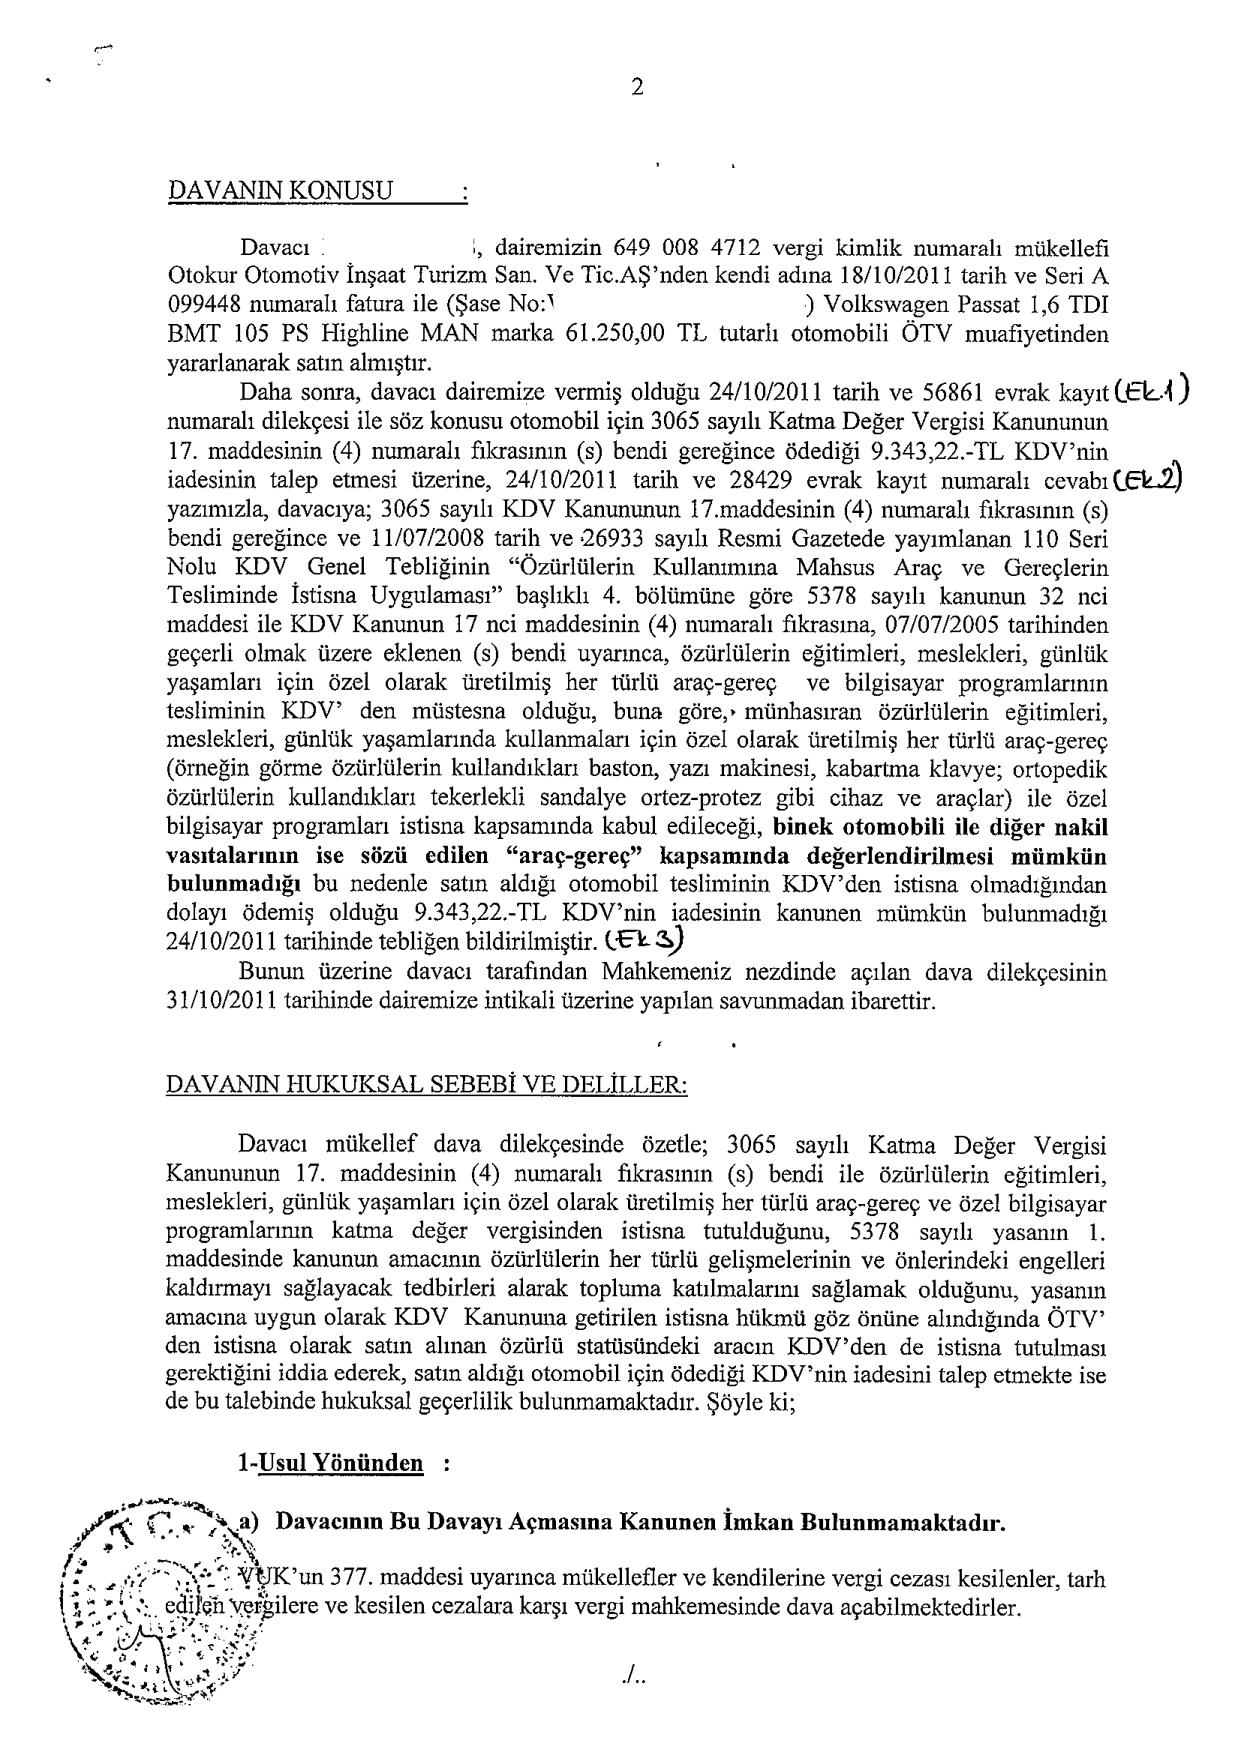 Sakarya VD savunma2 - Sakat statüsünde alınan araç için ödenen KDV'nin geri alınması işlemleri ve süreç